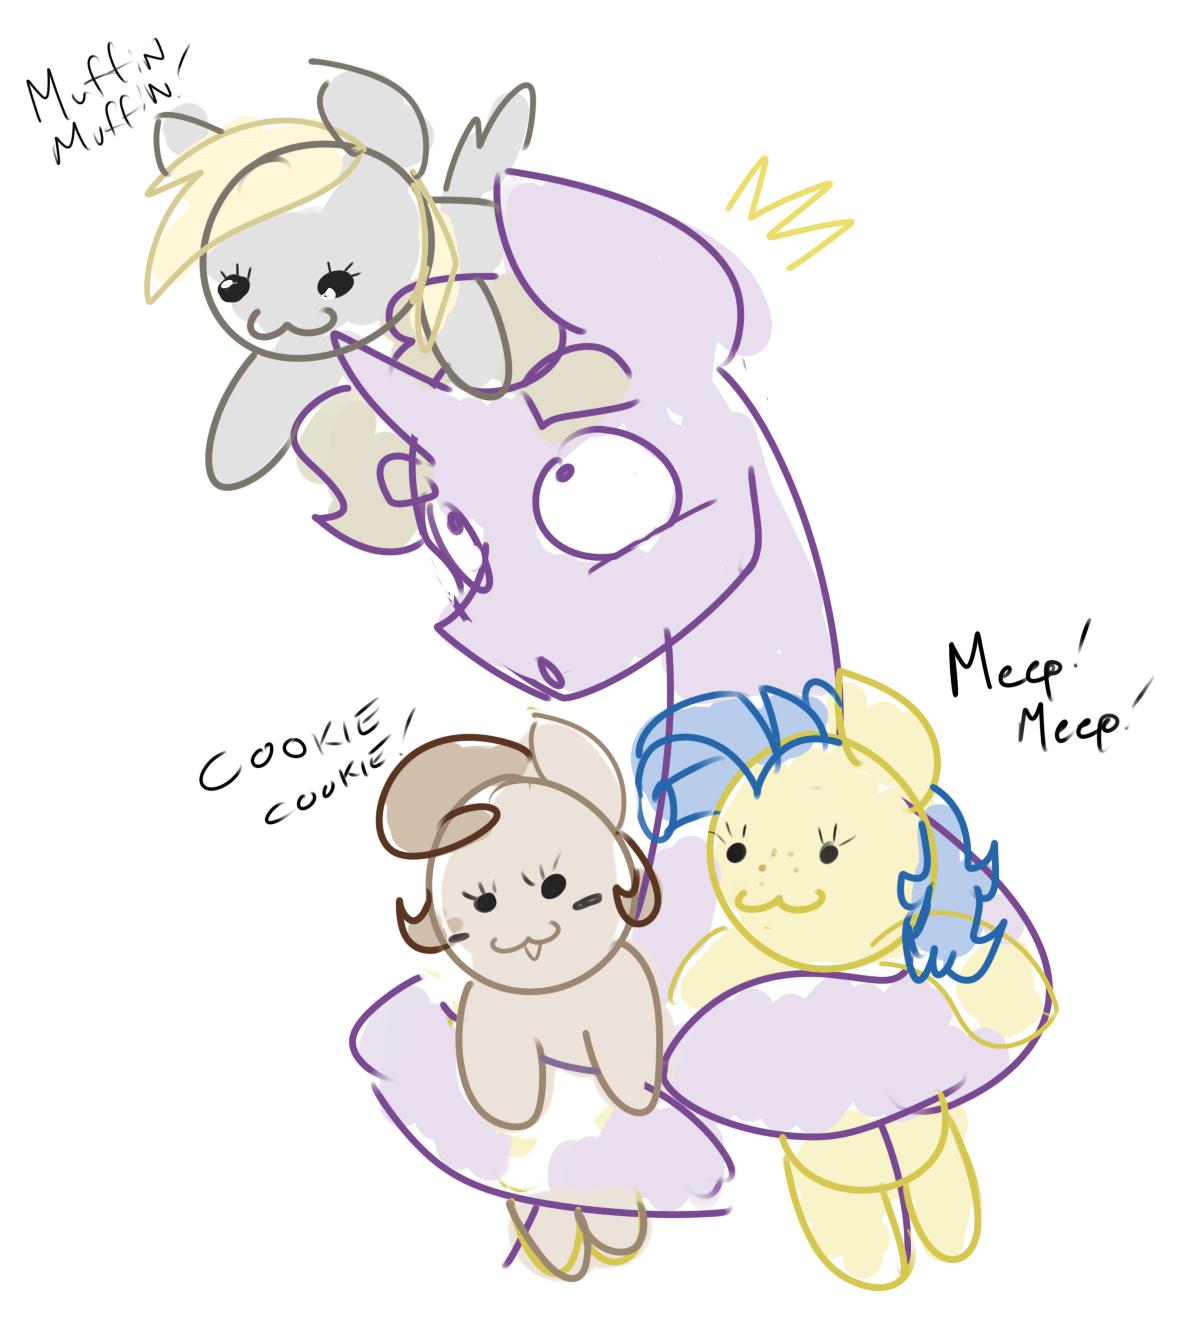 ... milky way, plushie, safe - Derpibooru - My Little Pony: Friendship is